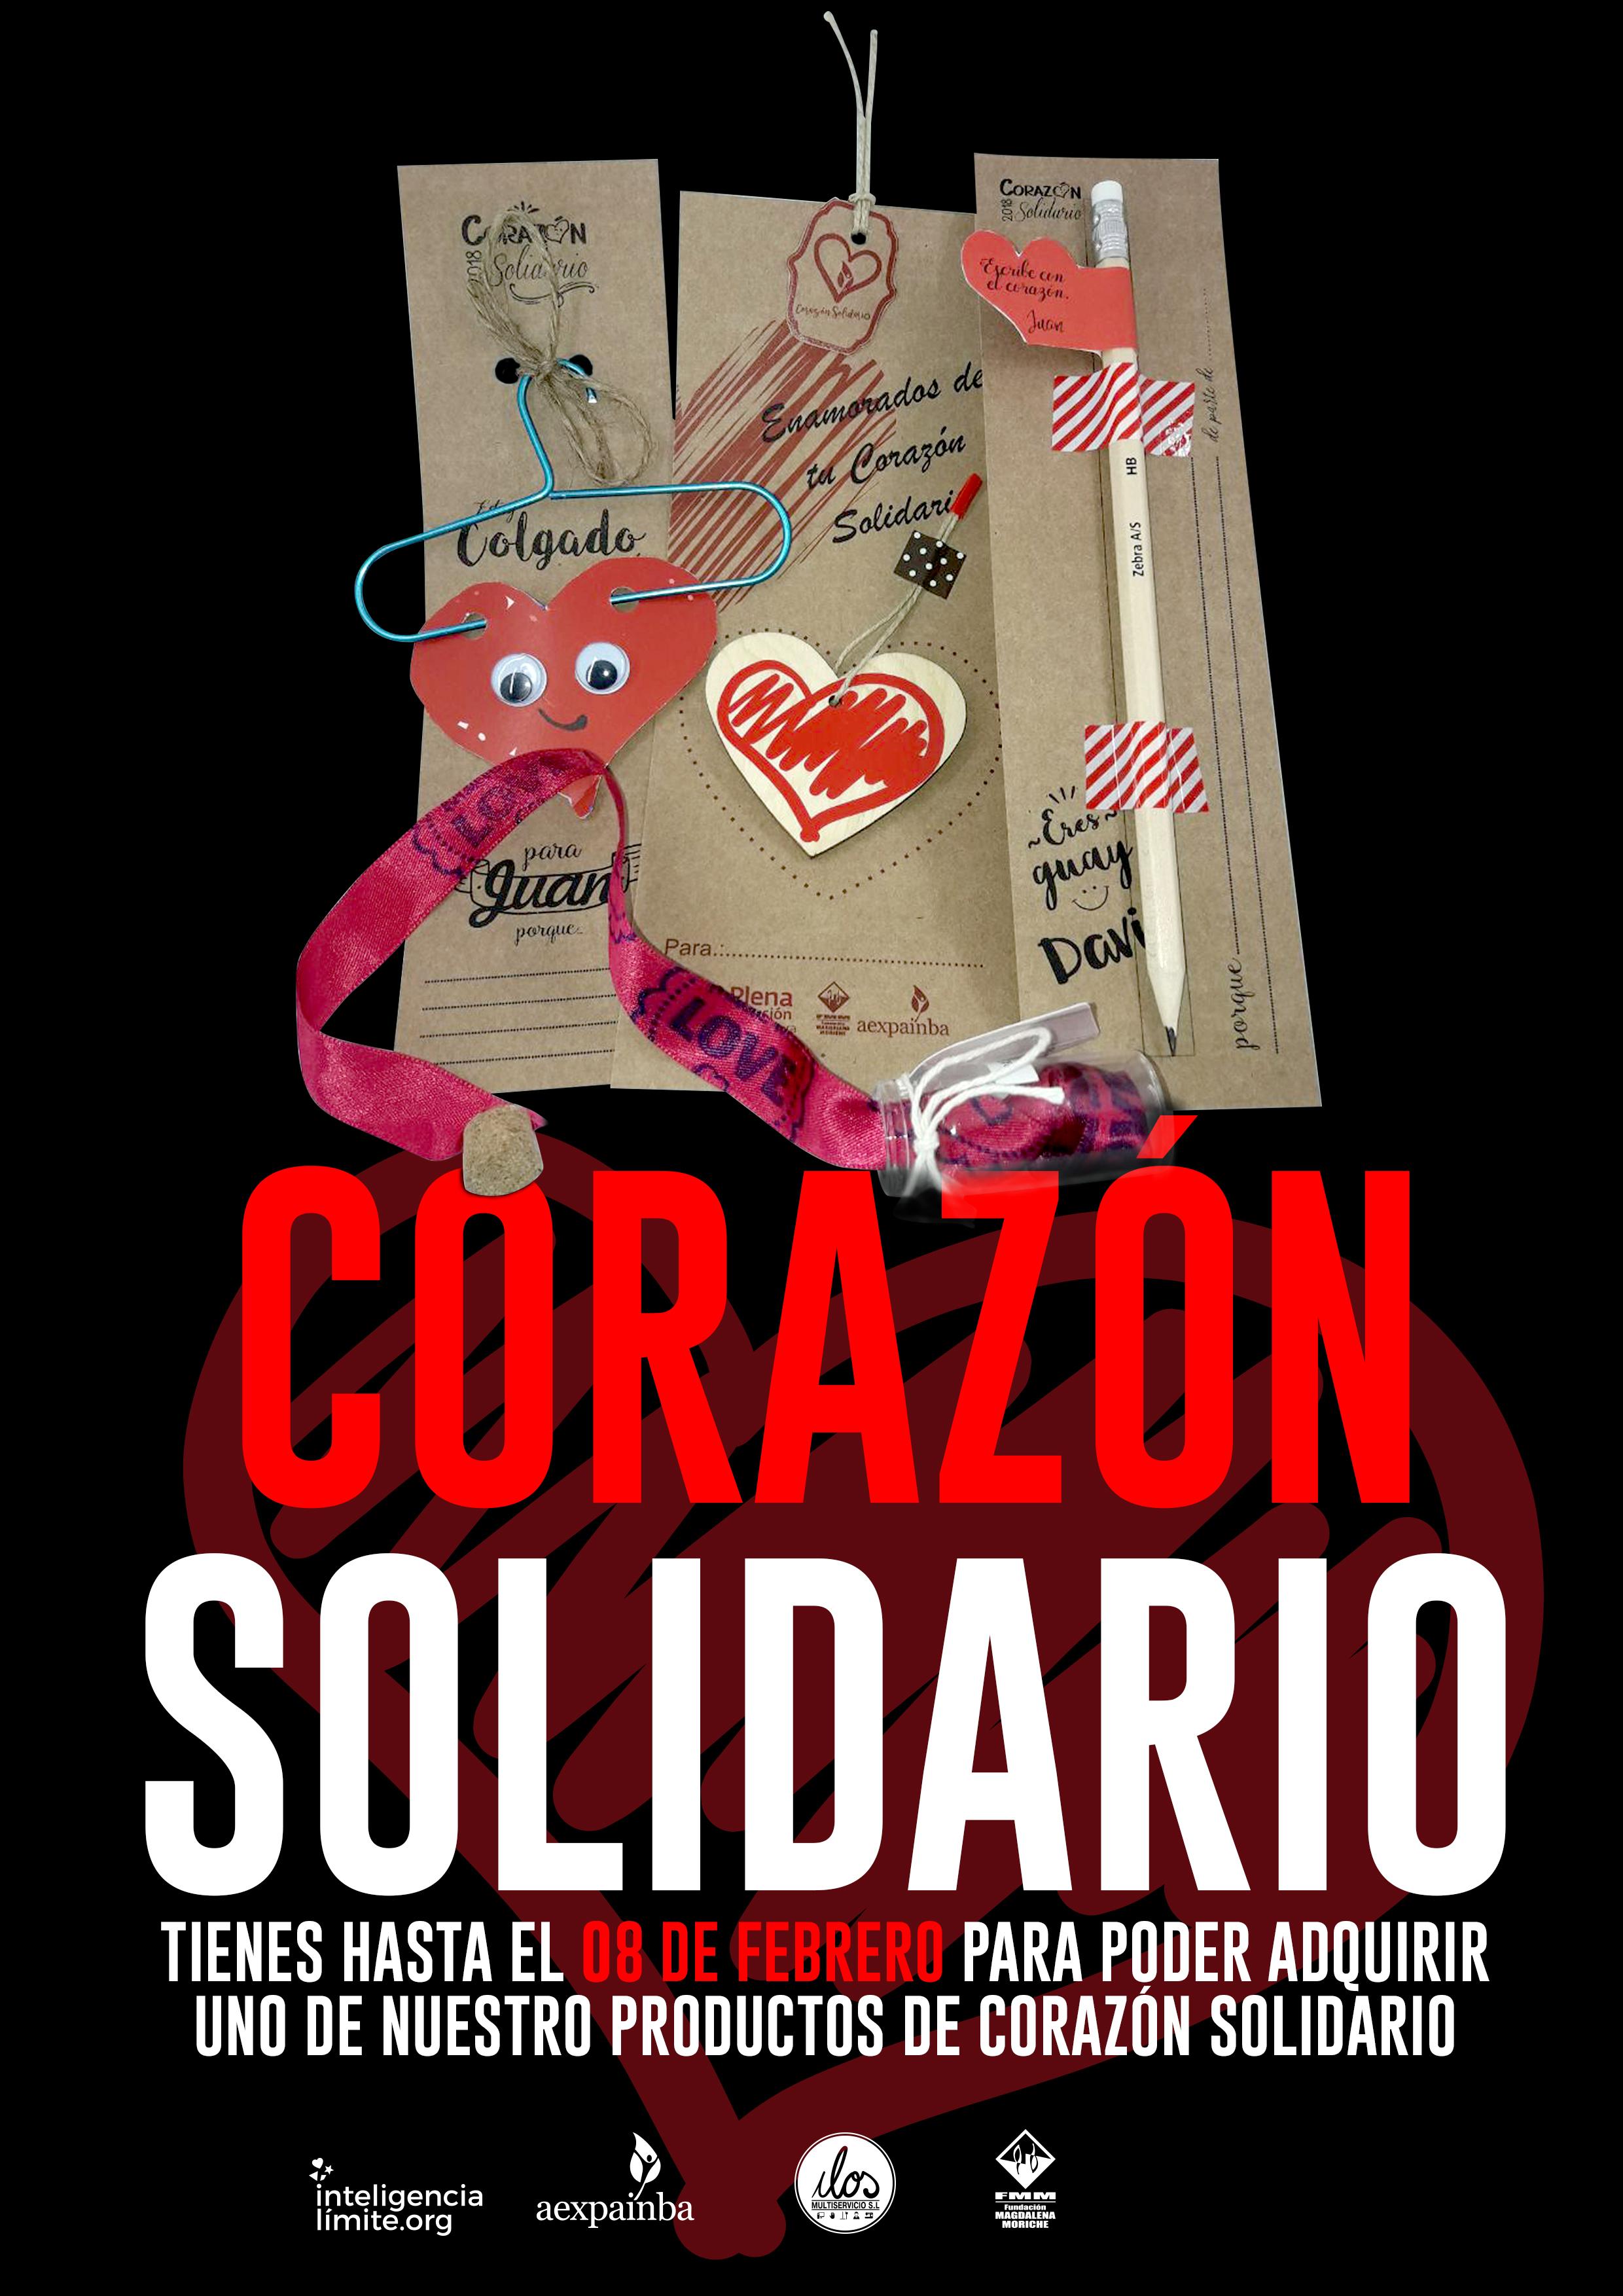 Enamorados de tu corazón solidario. 14 de Febrero, San Valentín